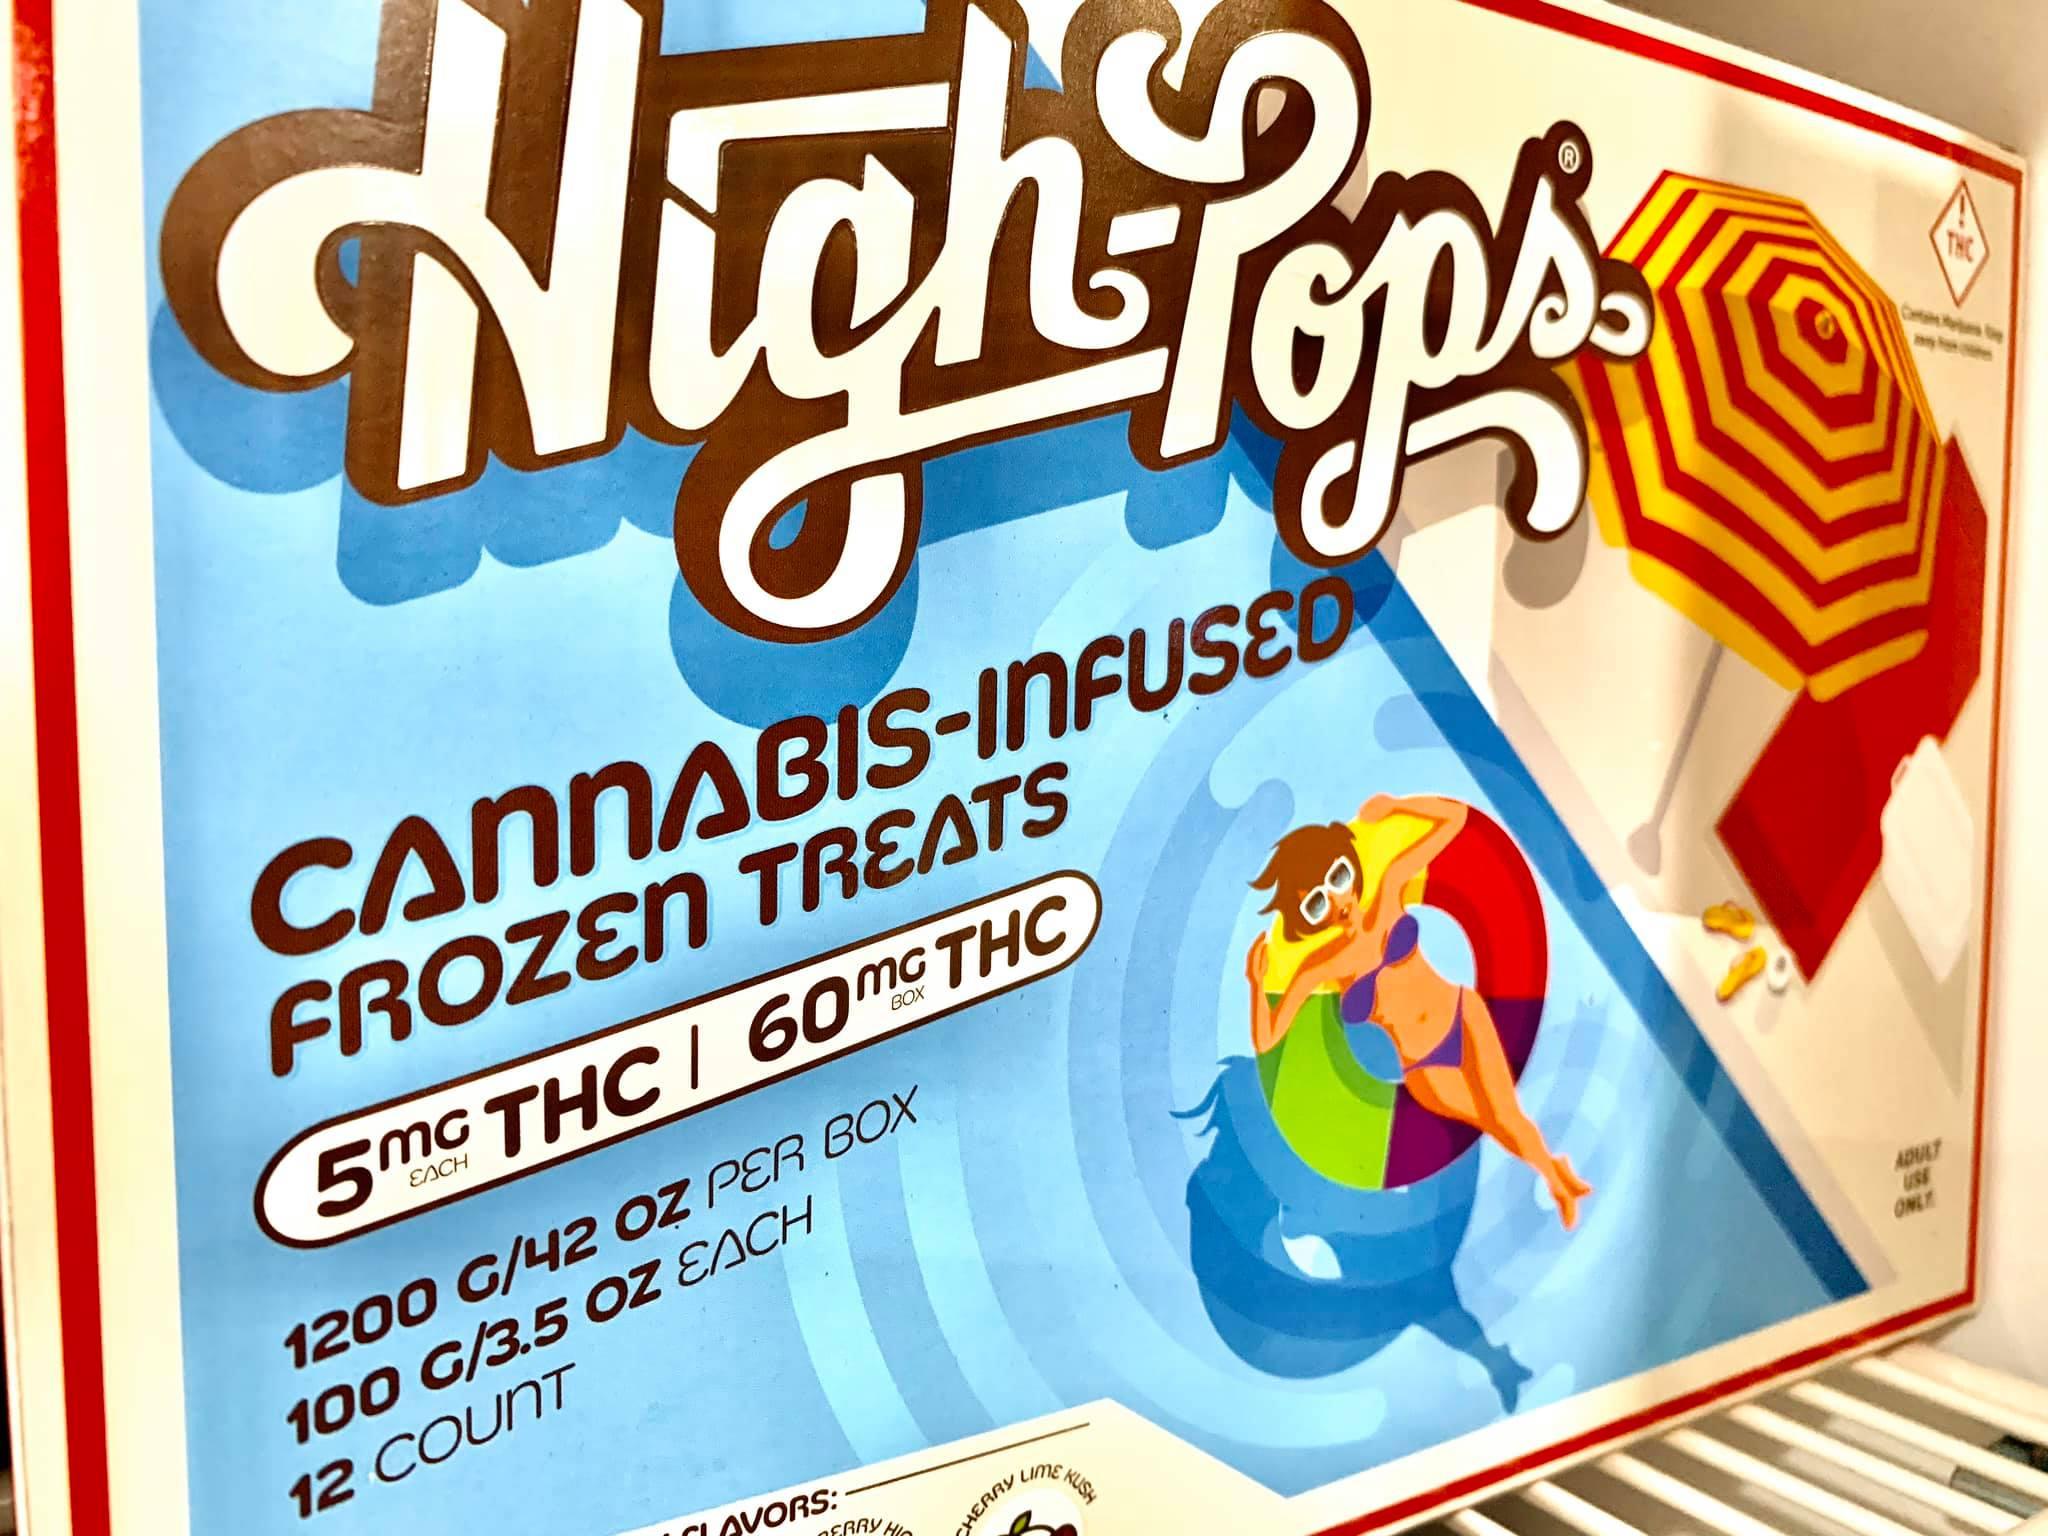 high pops cannabis pops tucson saints 2019